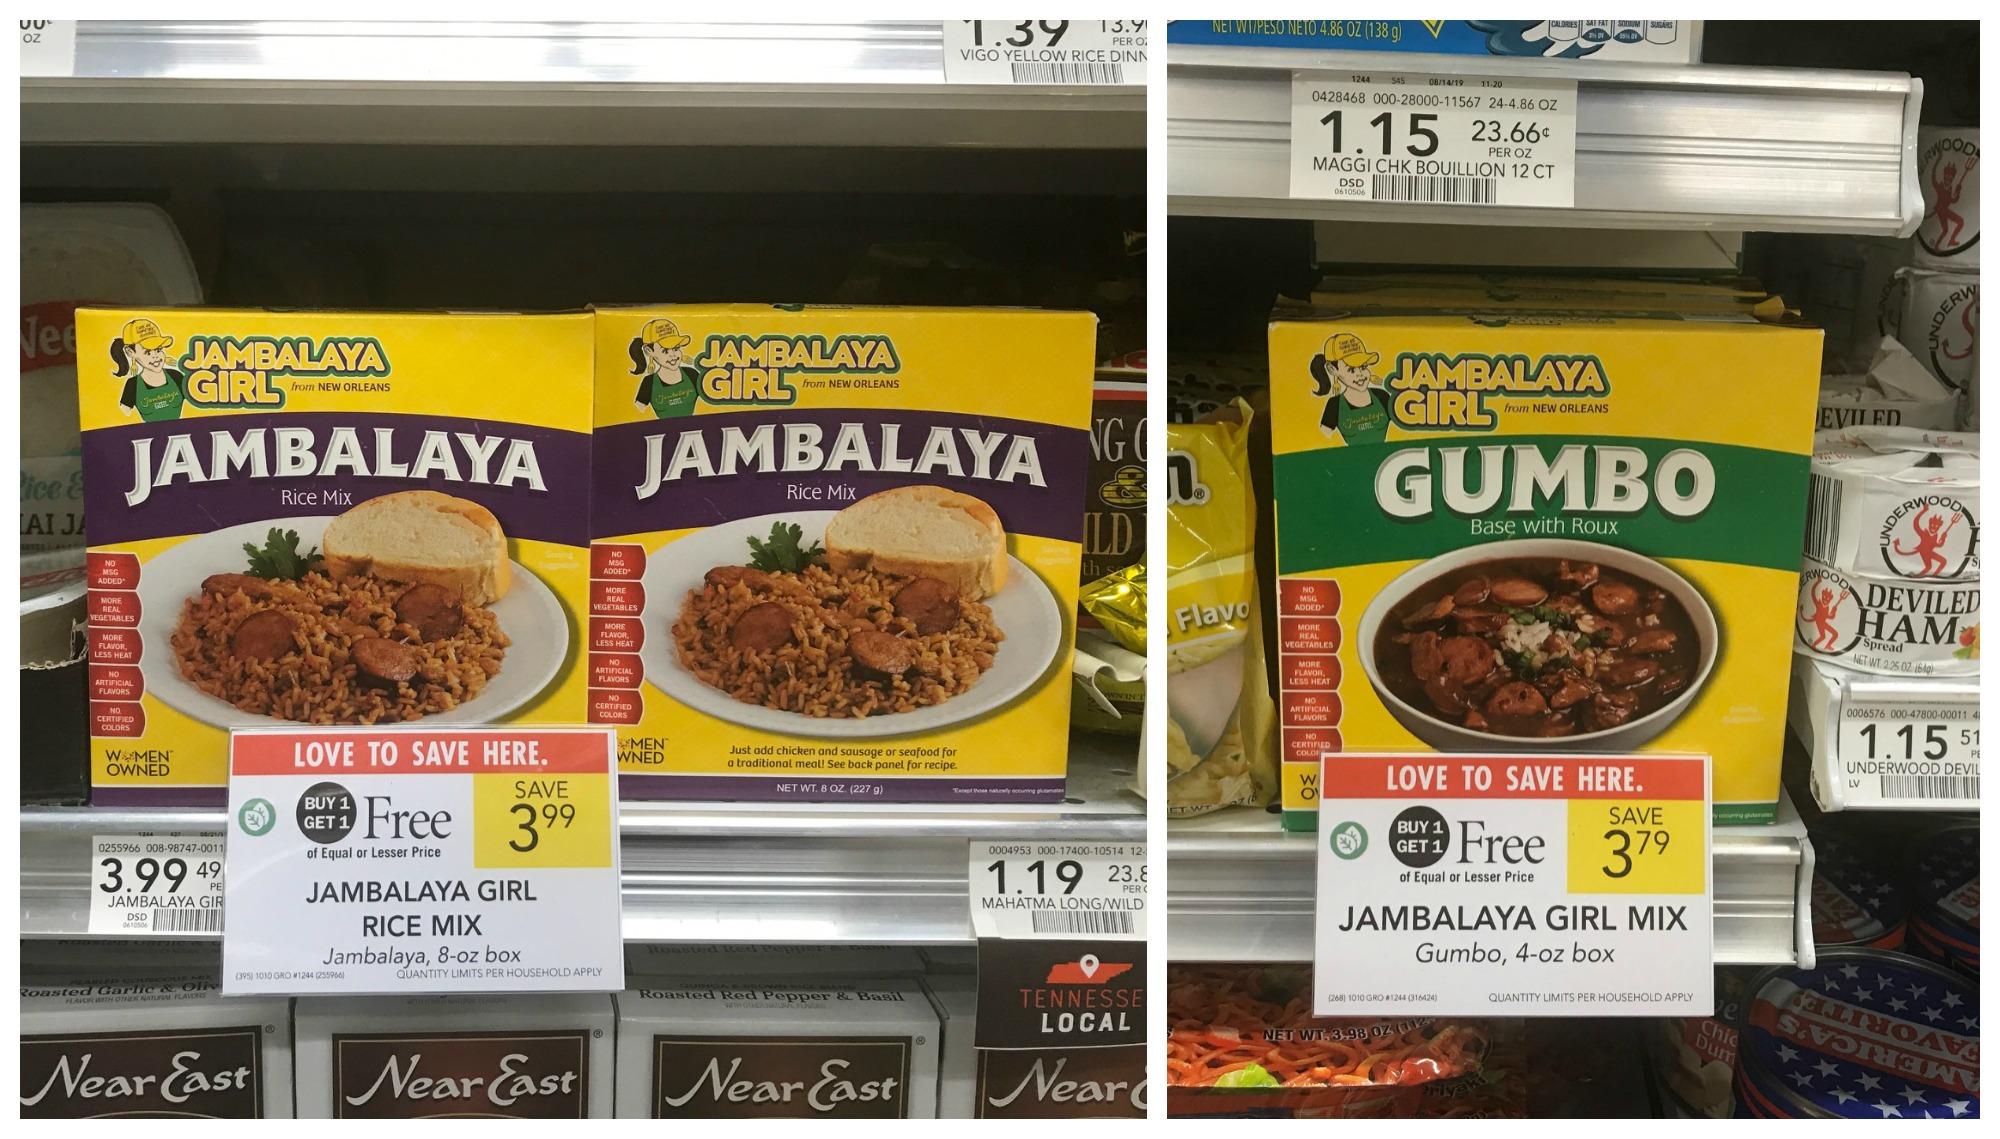 Bread Bowl Jambalaya - Amazing Recipe To Go With The Jambalaya Girl BOGO Sale At Publix! on I Heart Publix